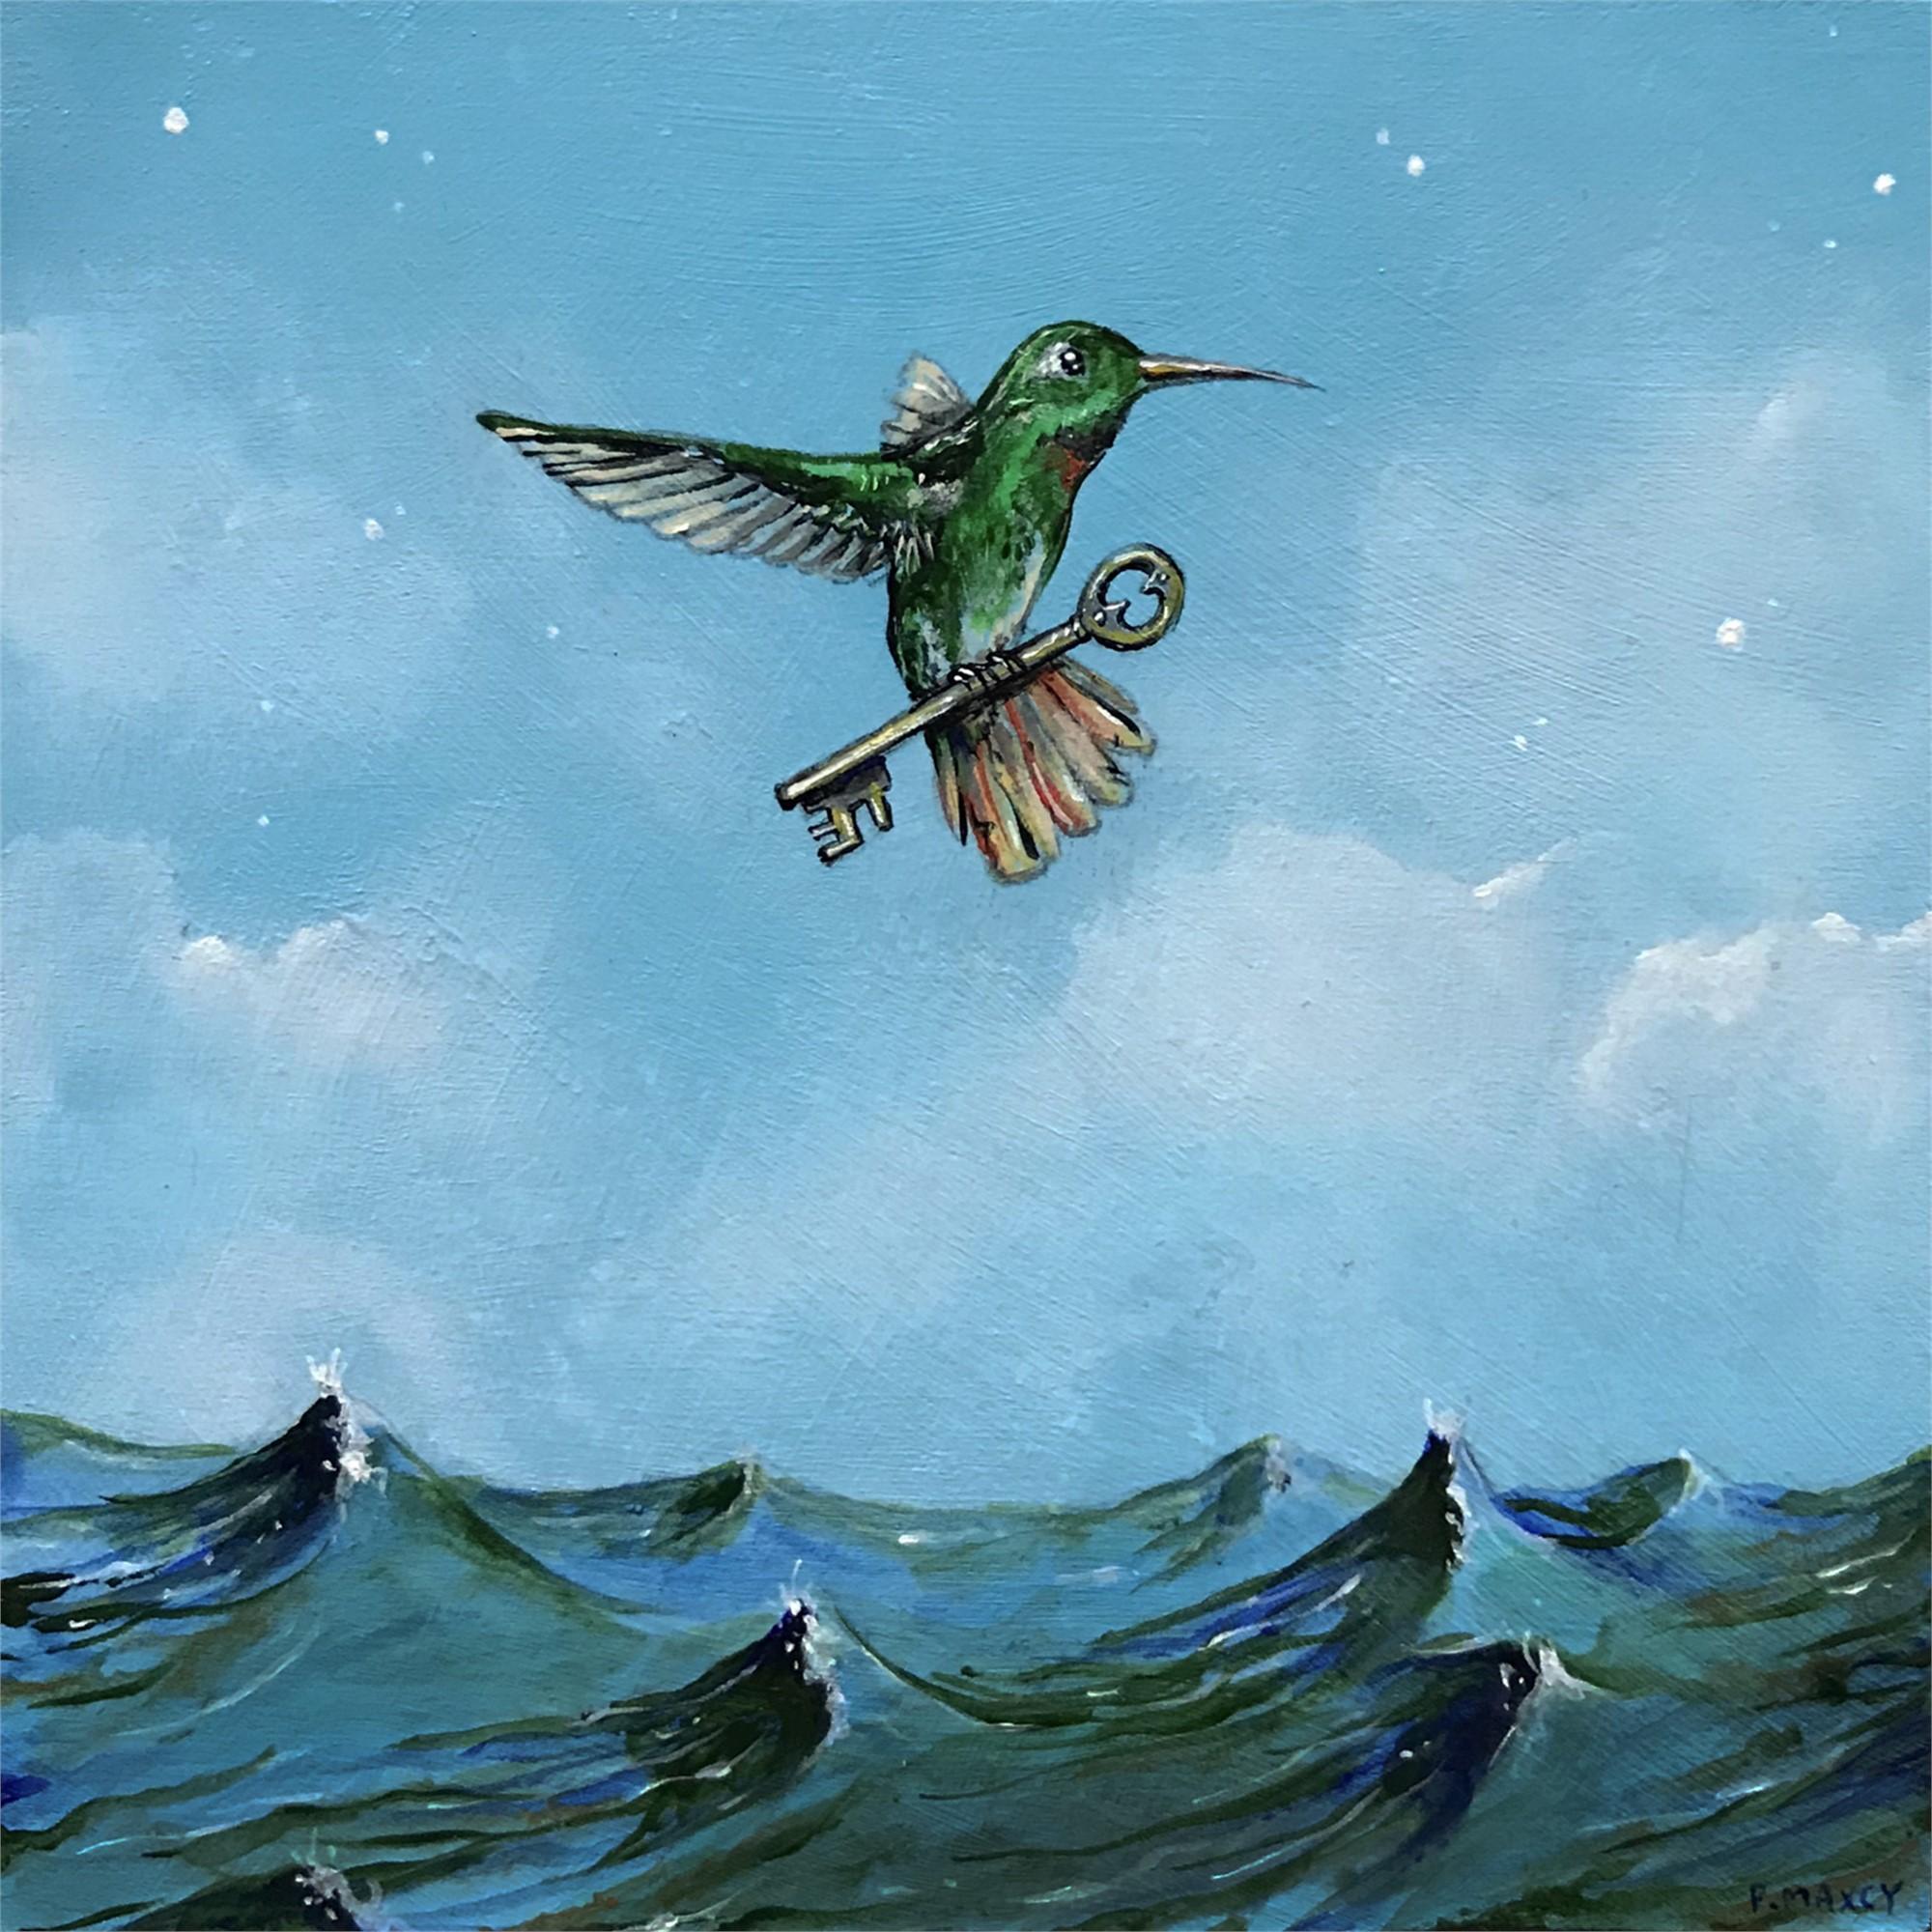 Hopeful Flight by Patrick Maxcy